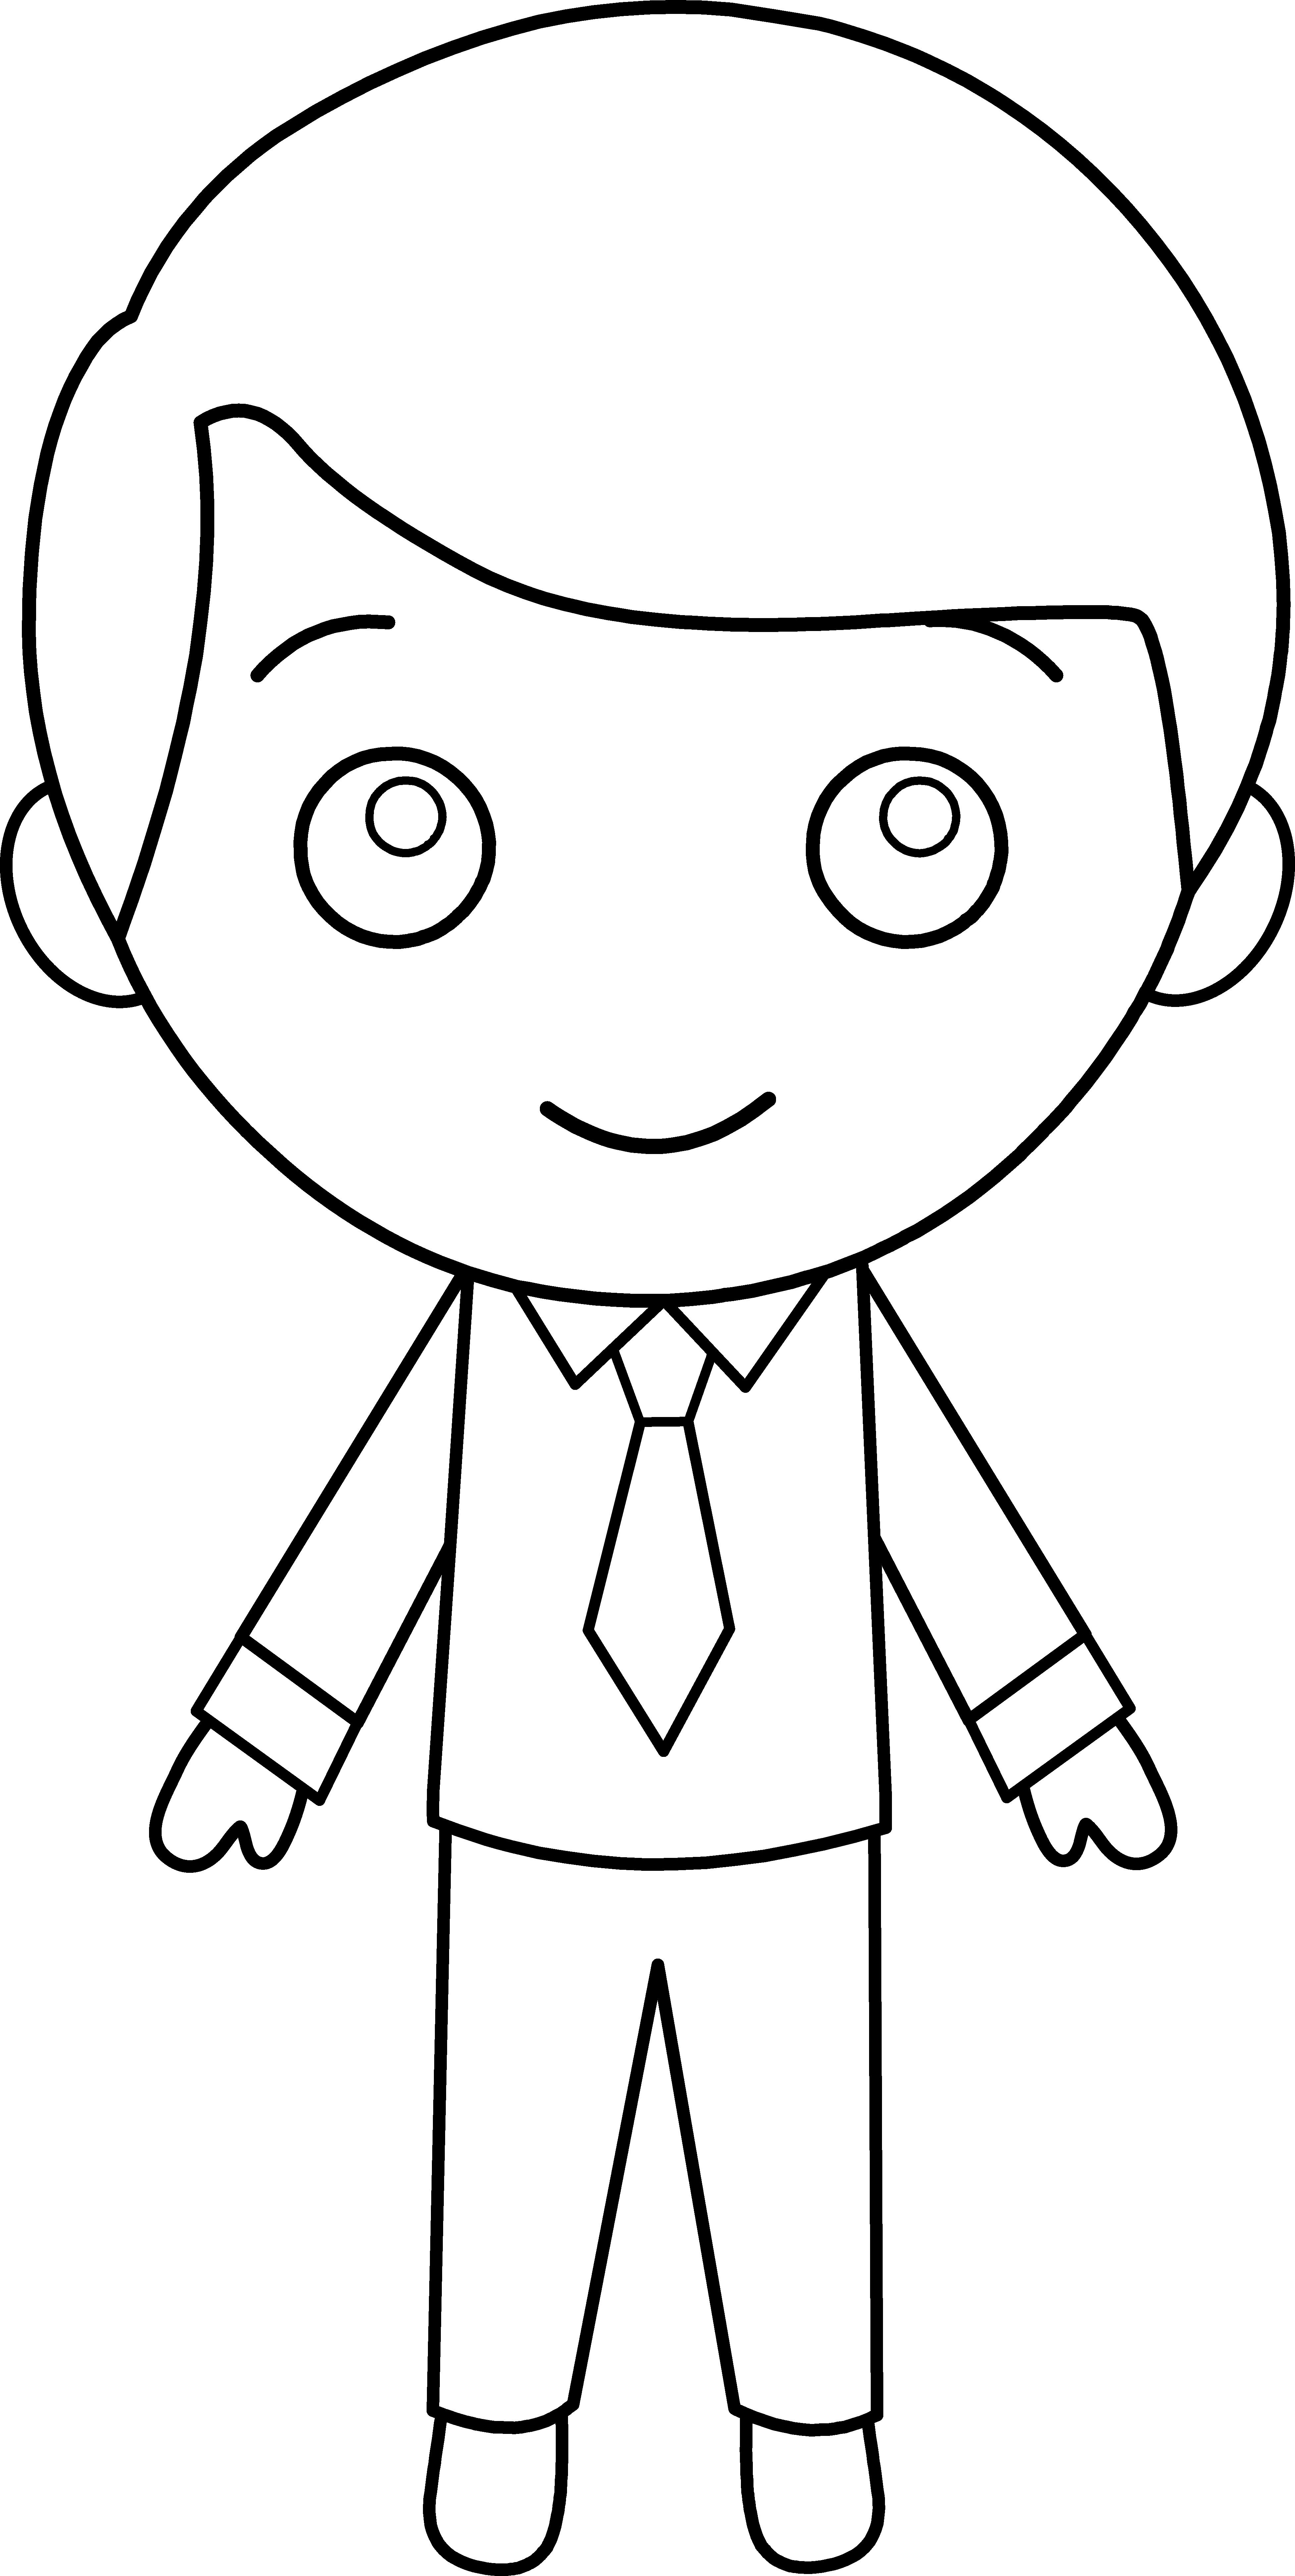 Little guy clipart #8